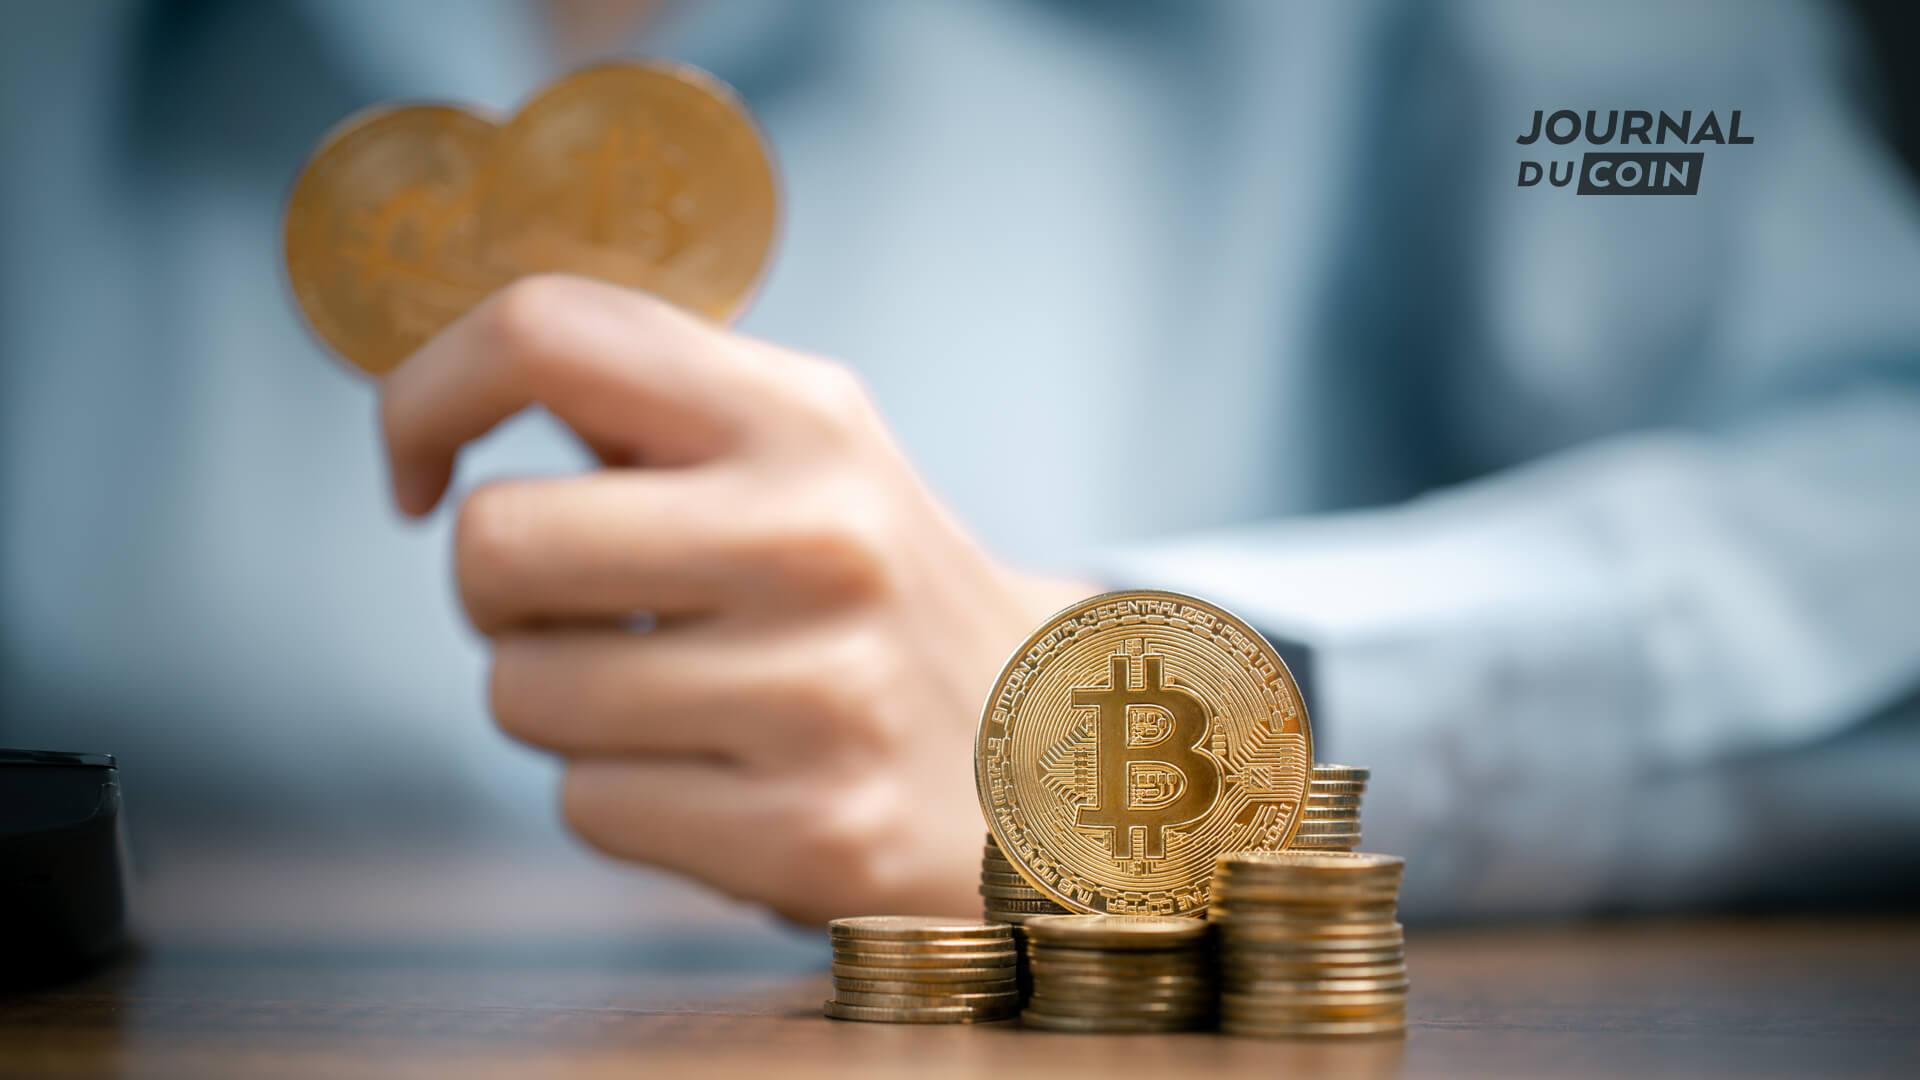 Les smart contracts sur Bitcoin : prochaine révolution crypto ?